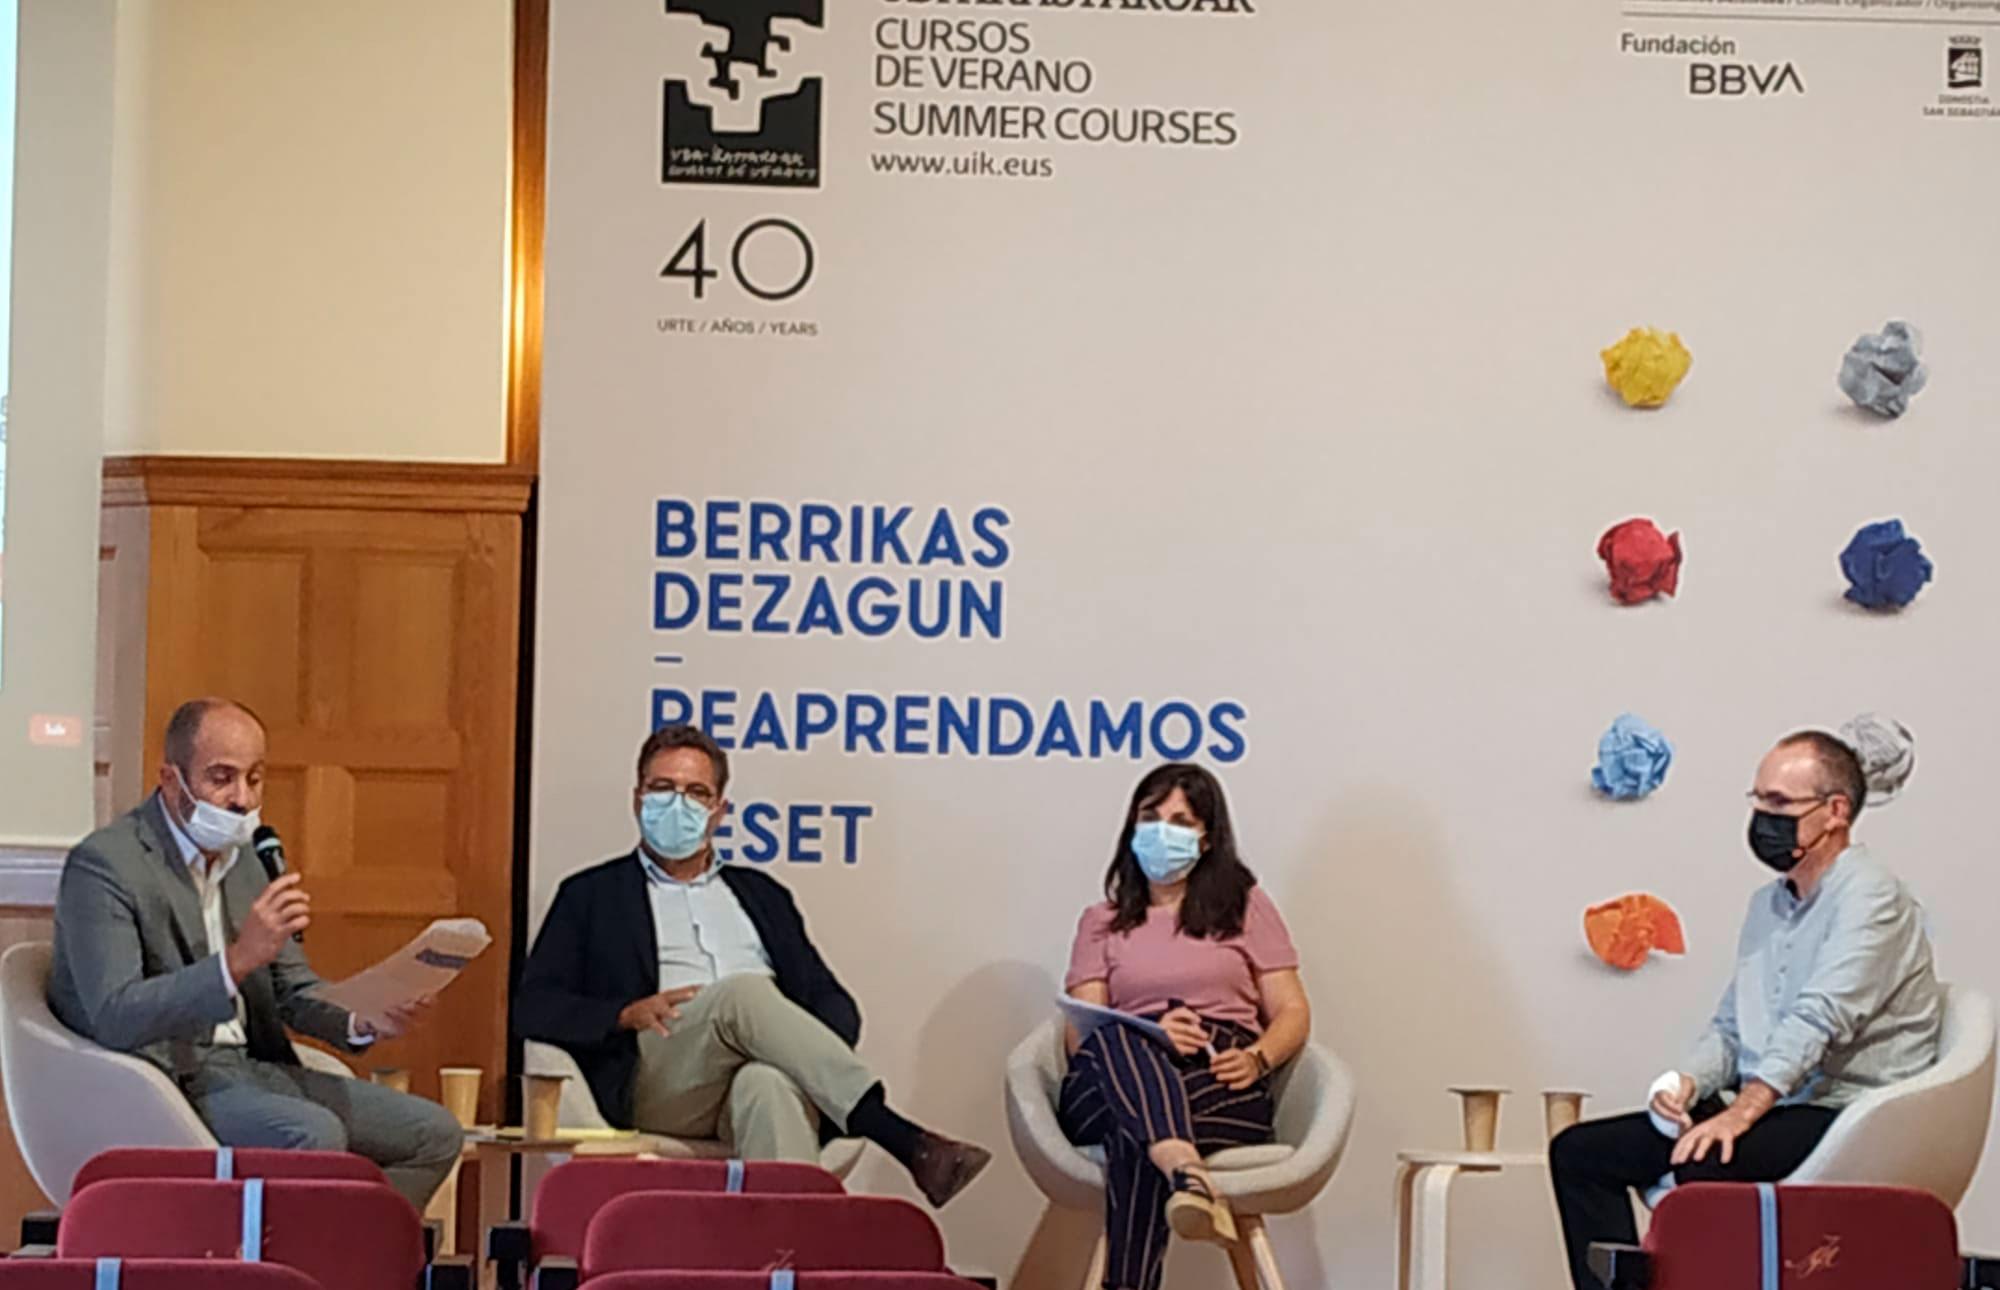 FORO MULTIAGENTE DE TRANSICIÓN SOCIAL Y AGENDA 2030 EN EUSKADI